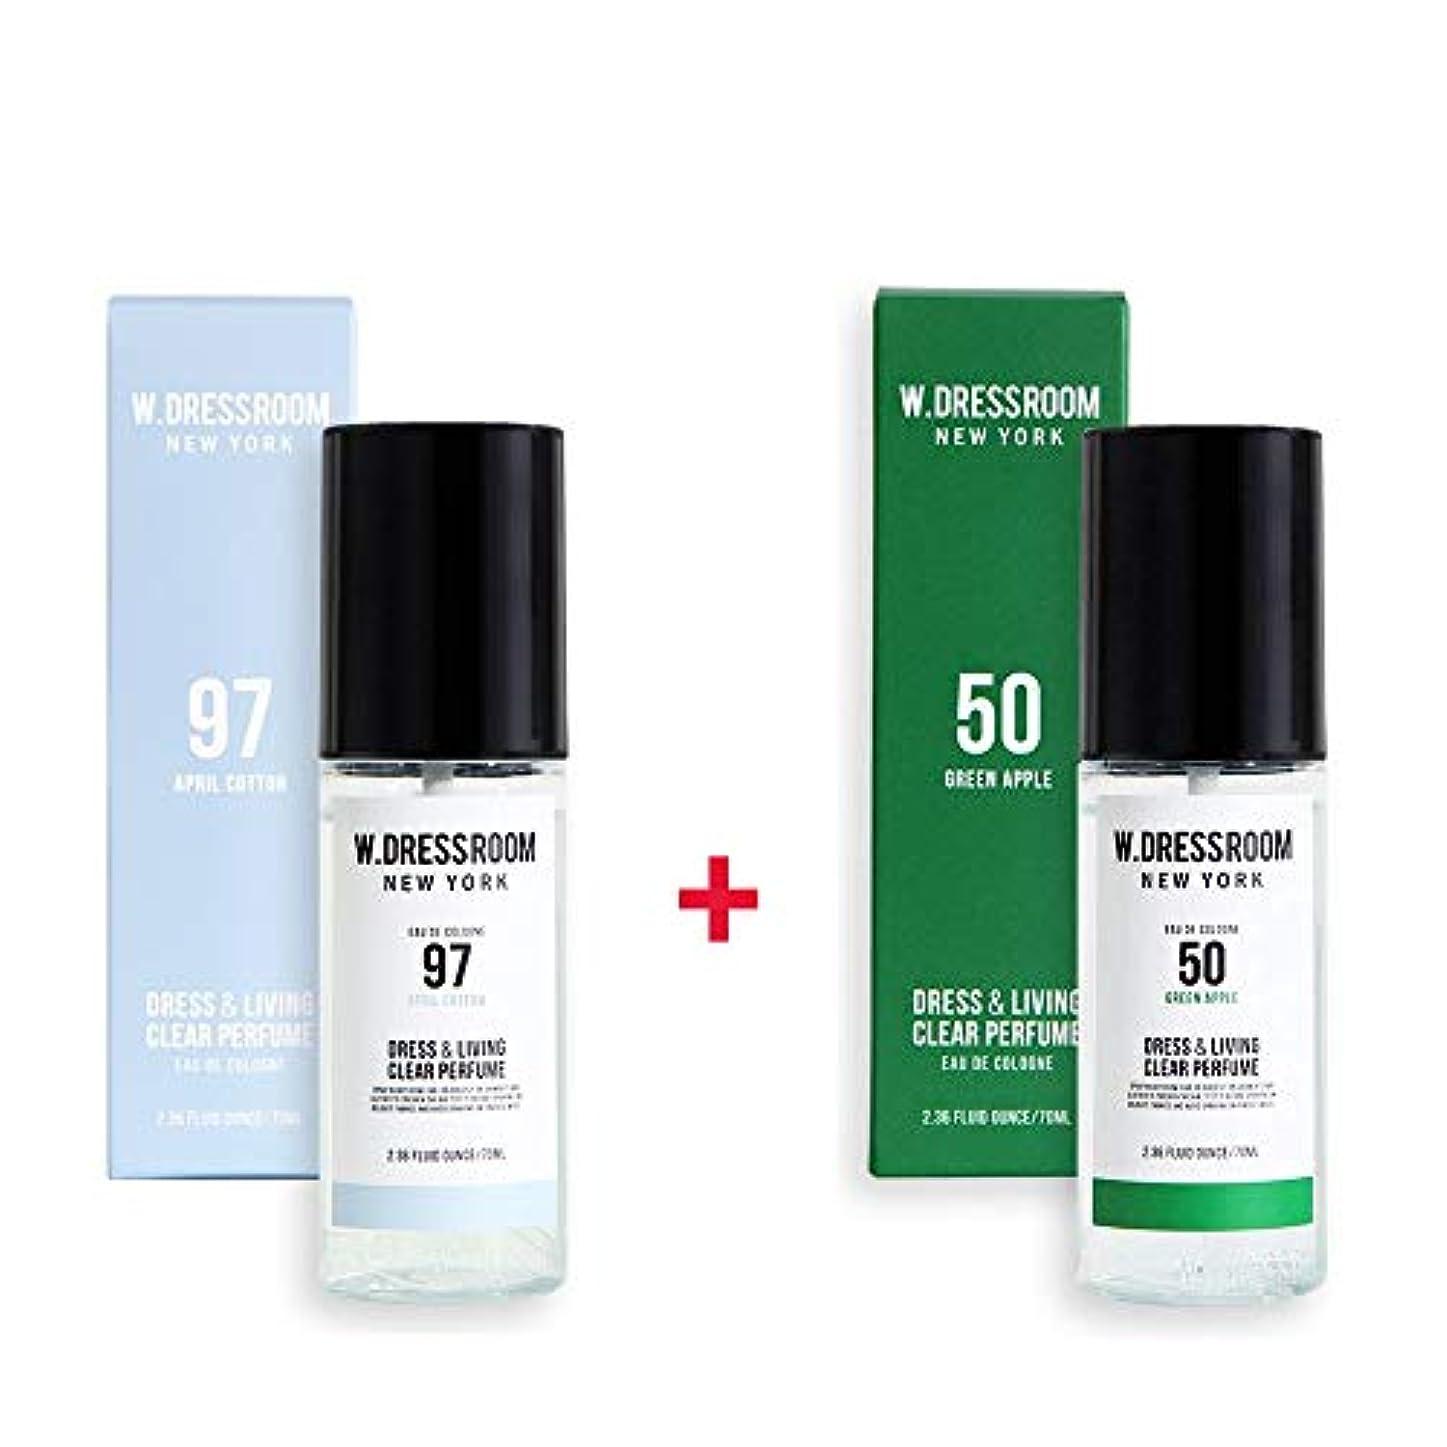 スカリー巡礼者背が高いW.DRESSROOM Dress & Living Clear Perfume 70ml (No 97 April Cotton)+(No 50 Green Apple)